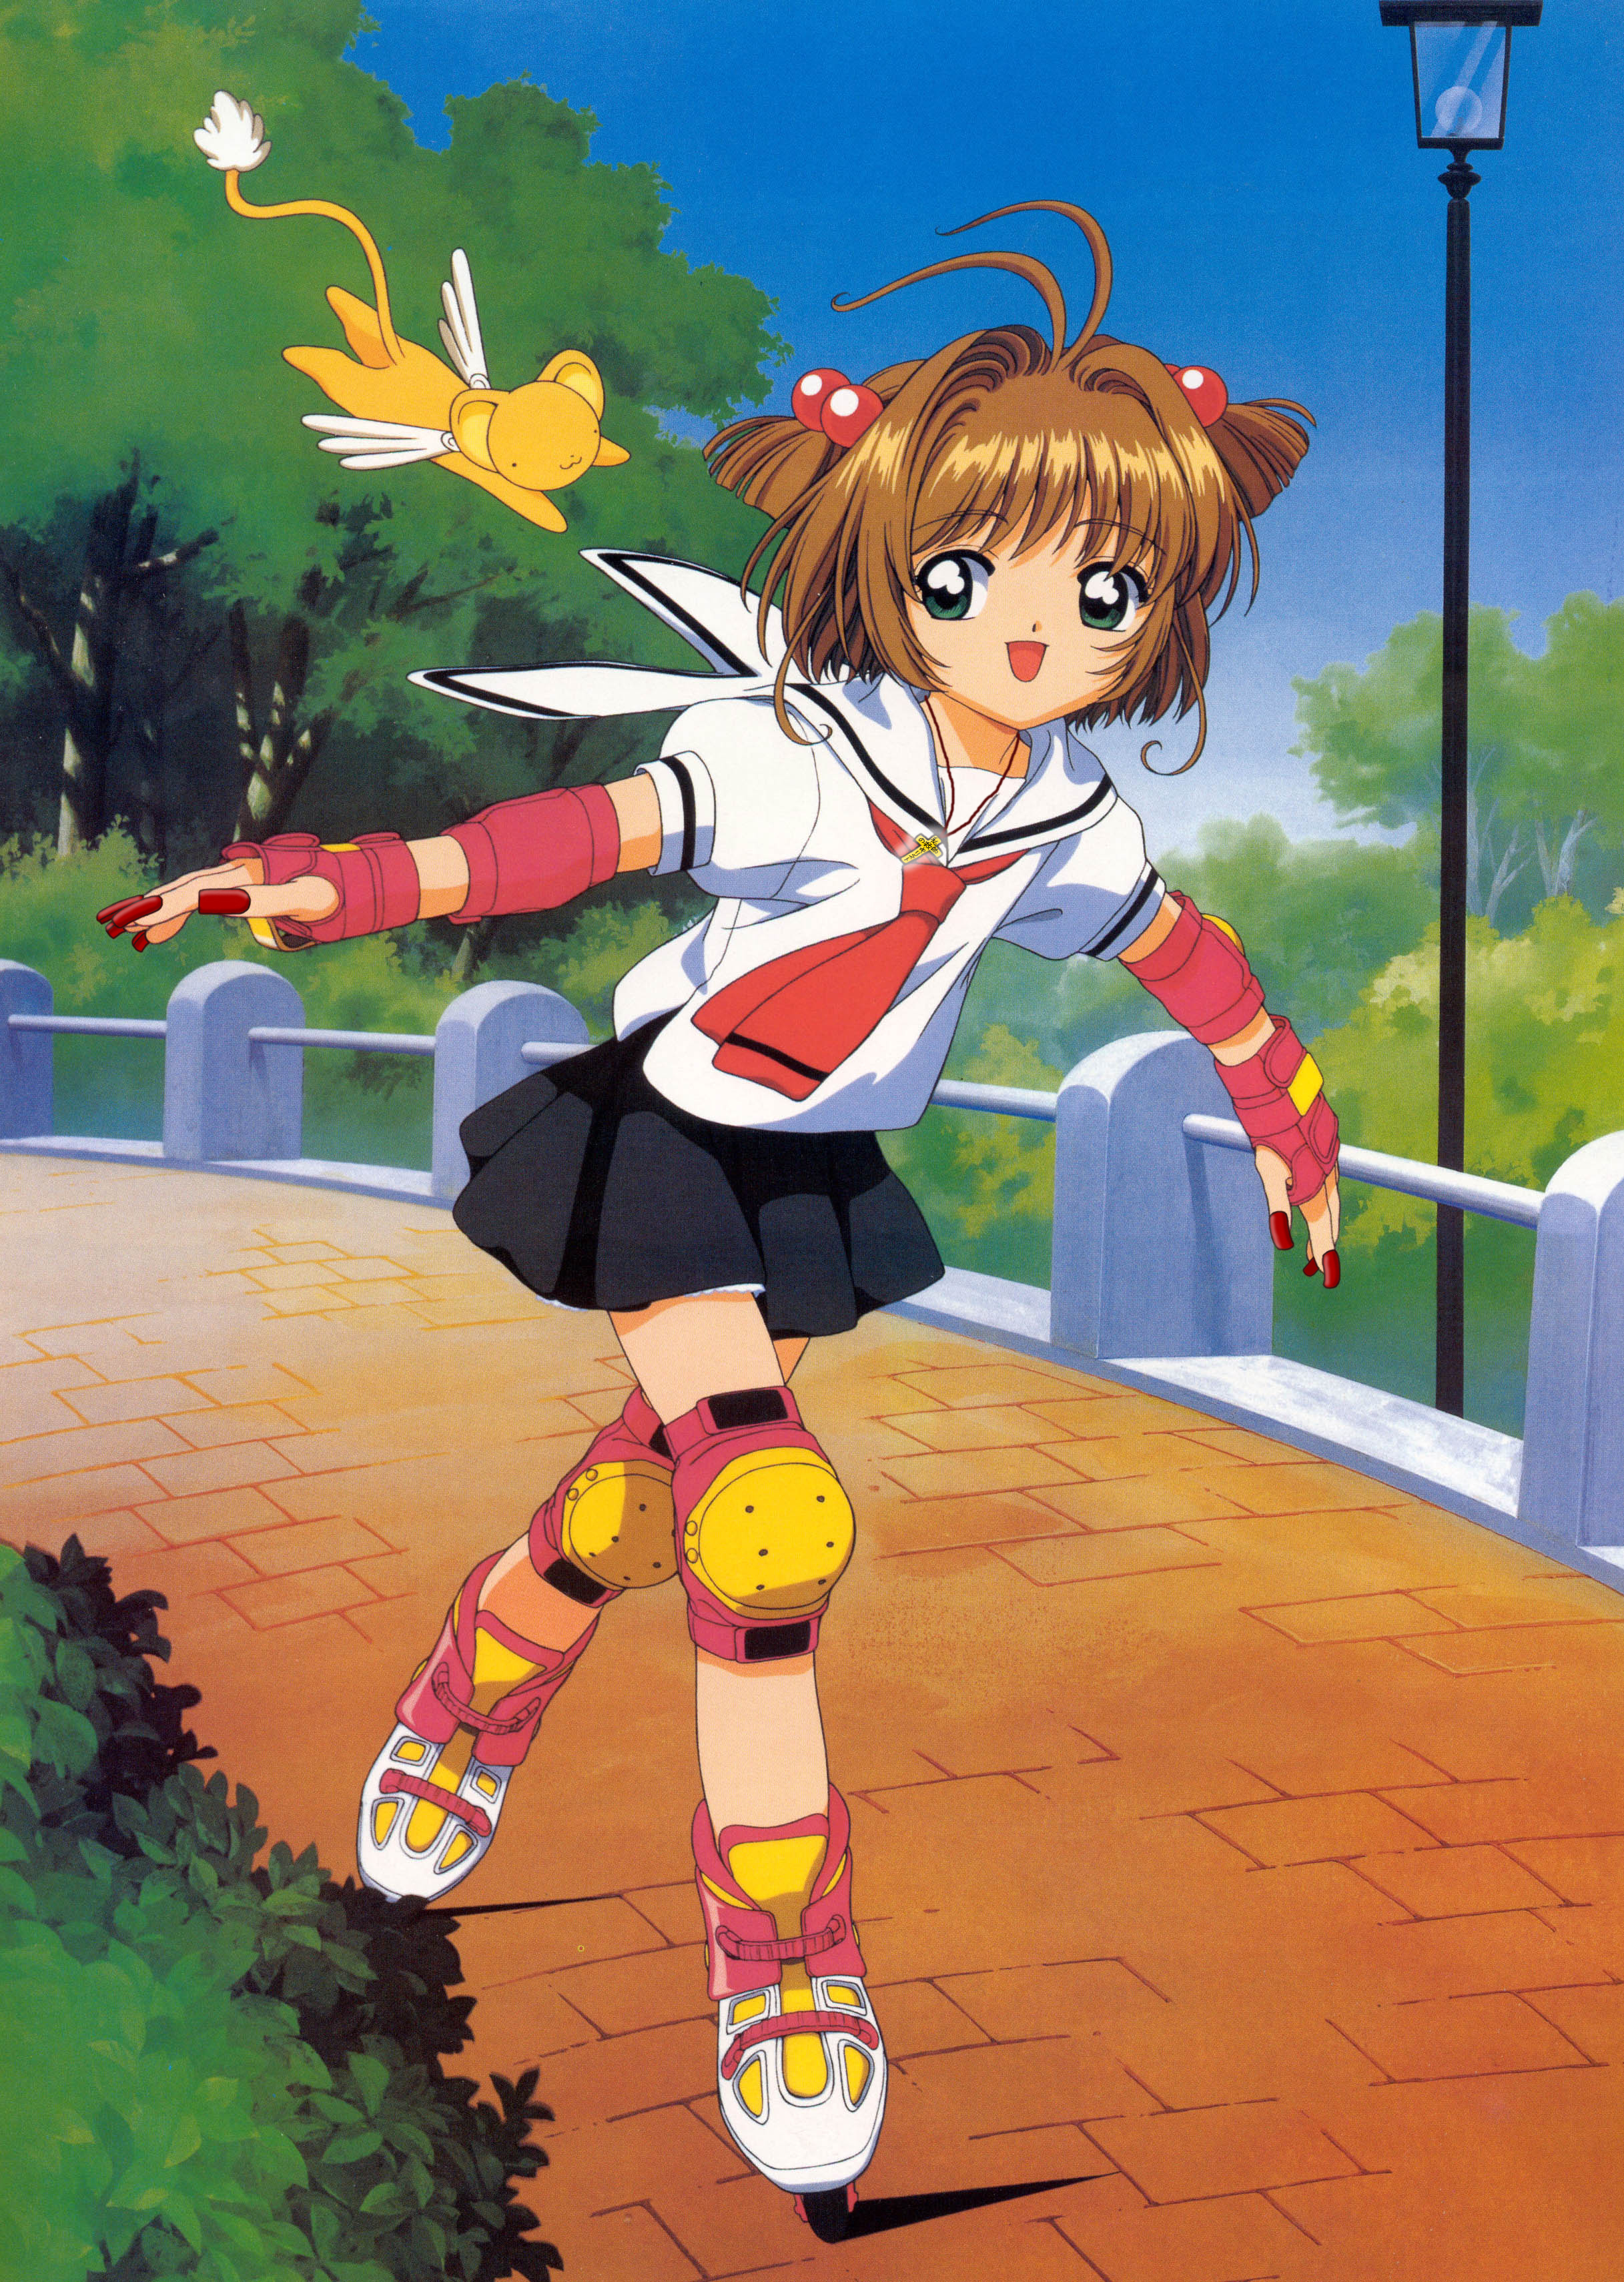 Sakura and Kero-chan patin, patinage along the path